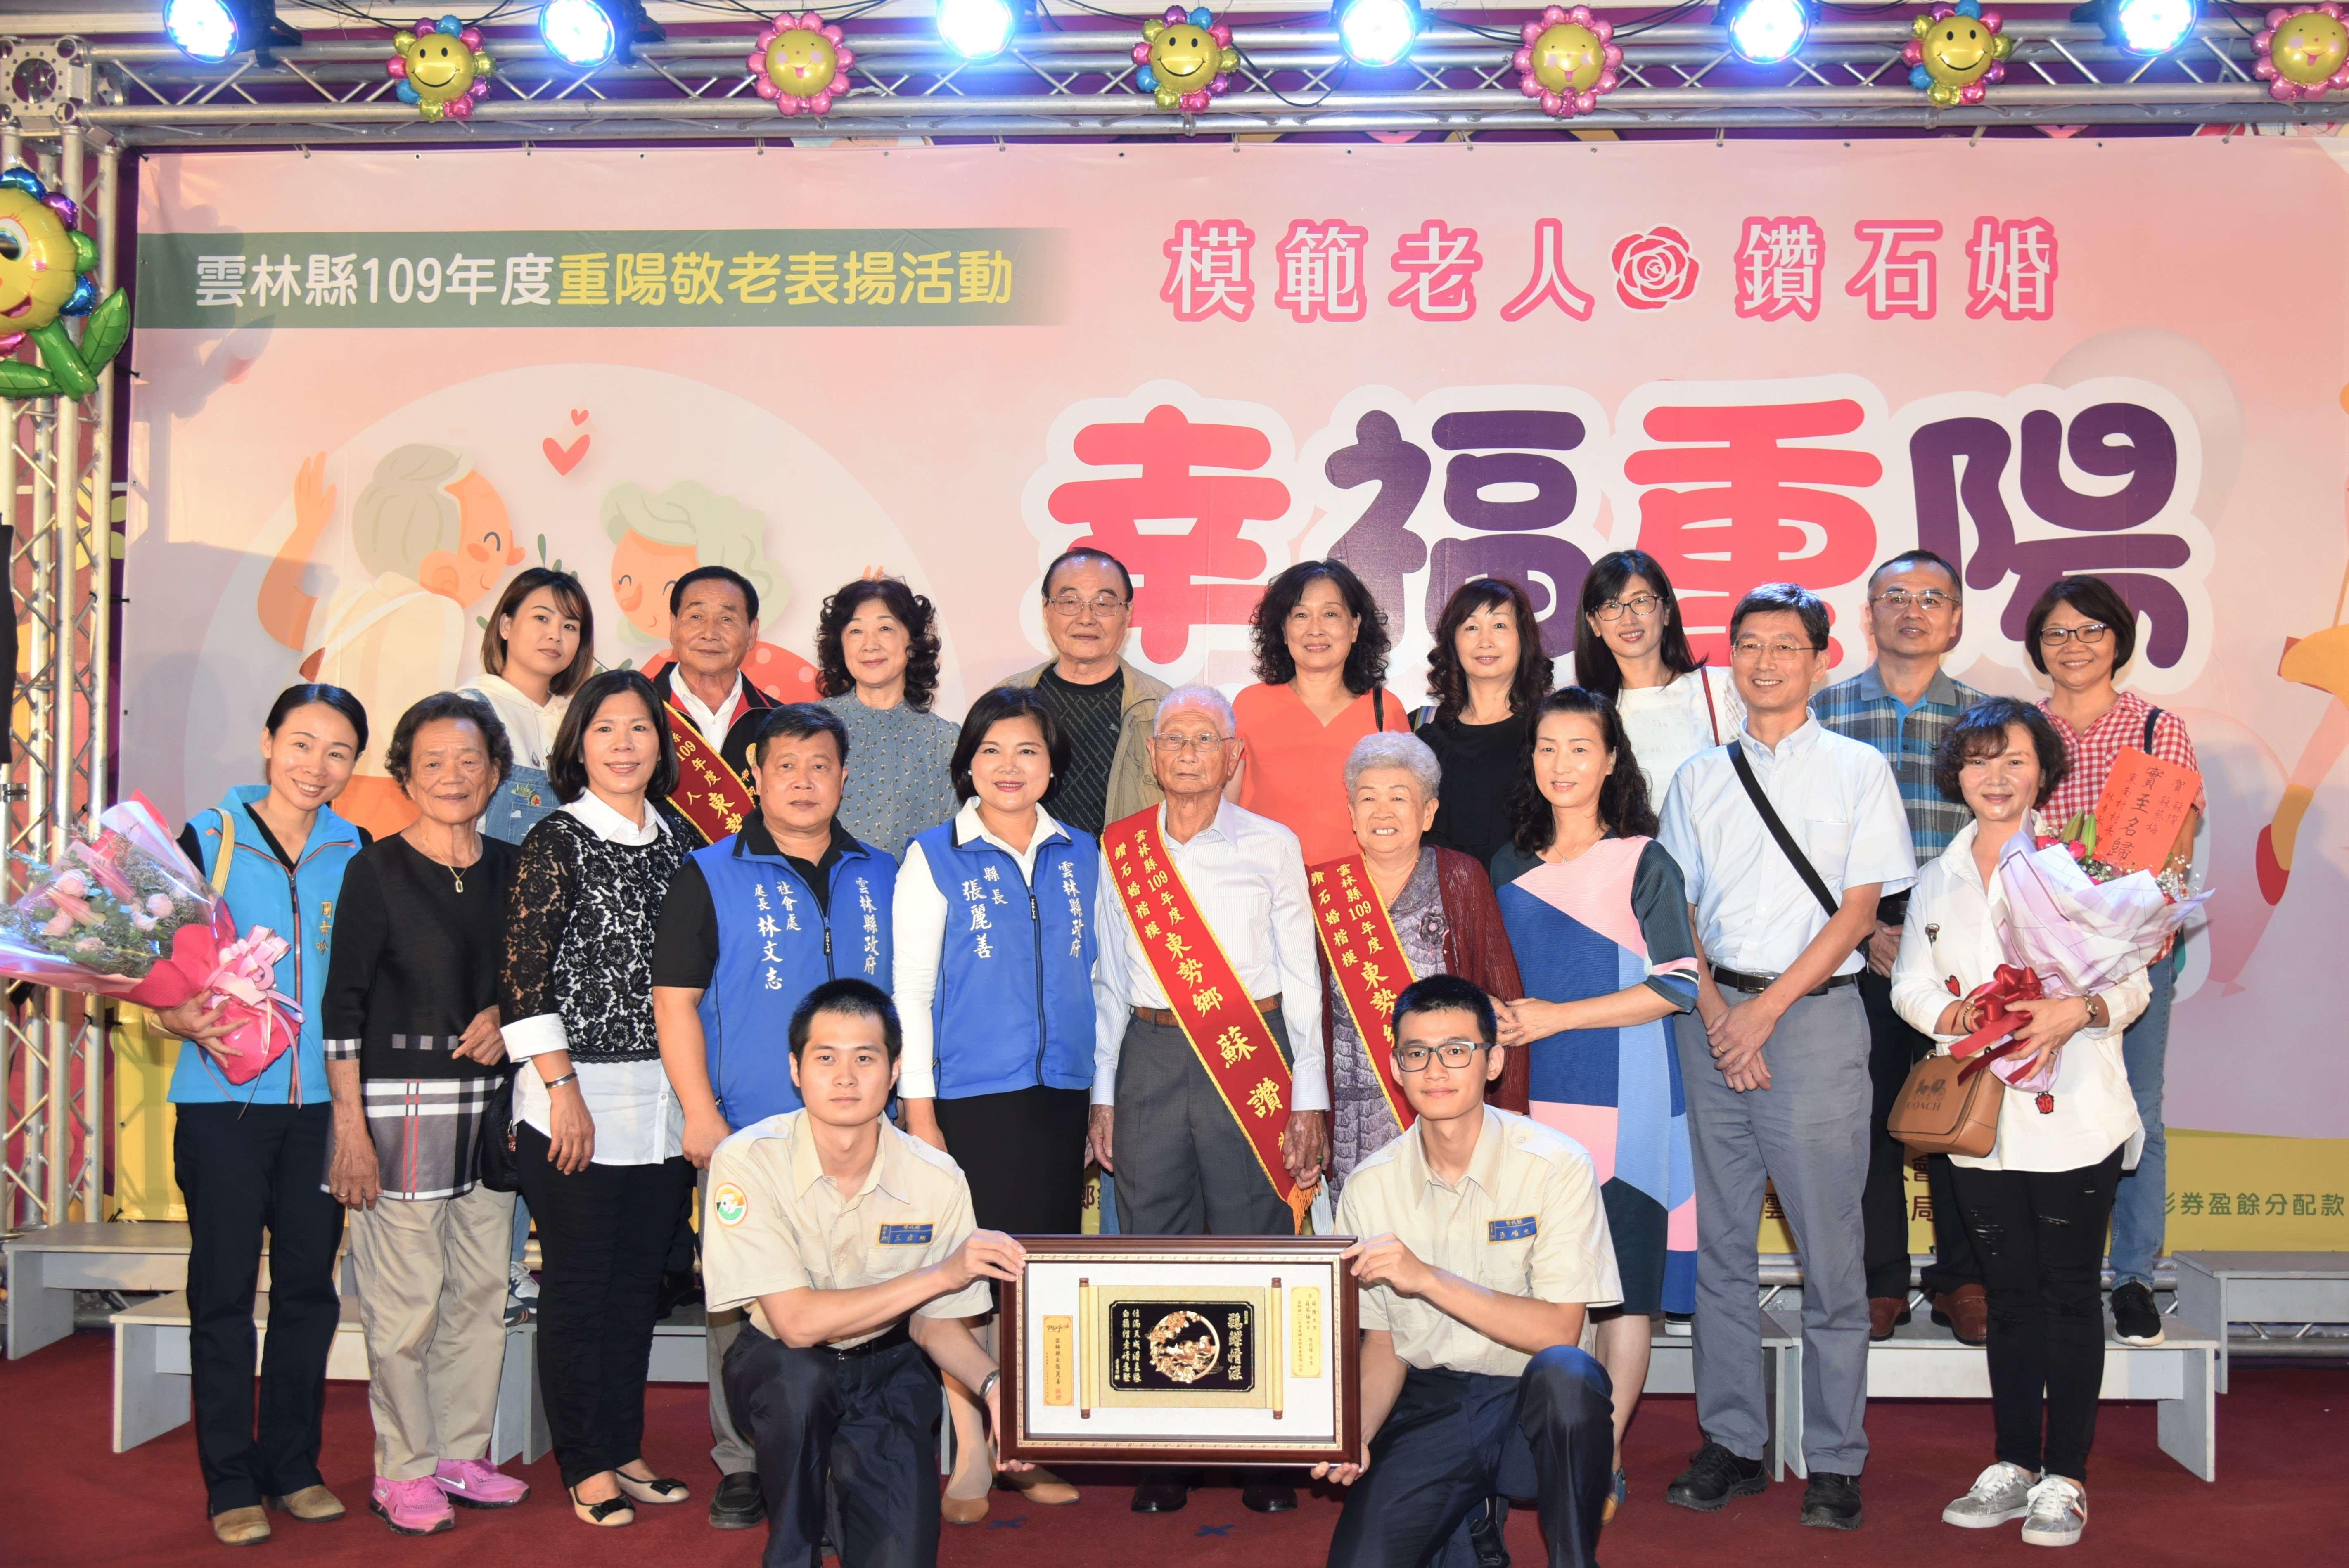 東勢鄉蘇讚先生與妻蘇蔡梅女士結縭 68 年,夫妻倆結褵逾一甲子的秘訣就是多關心對方,欣賞對方的優點。